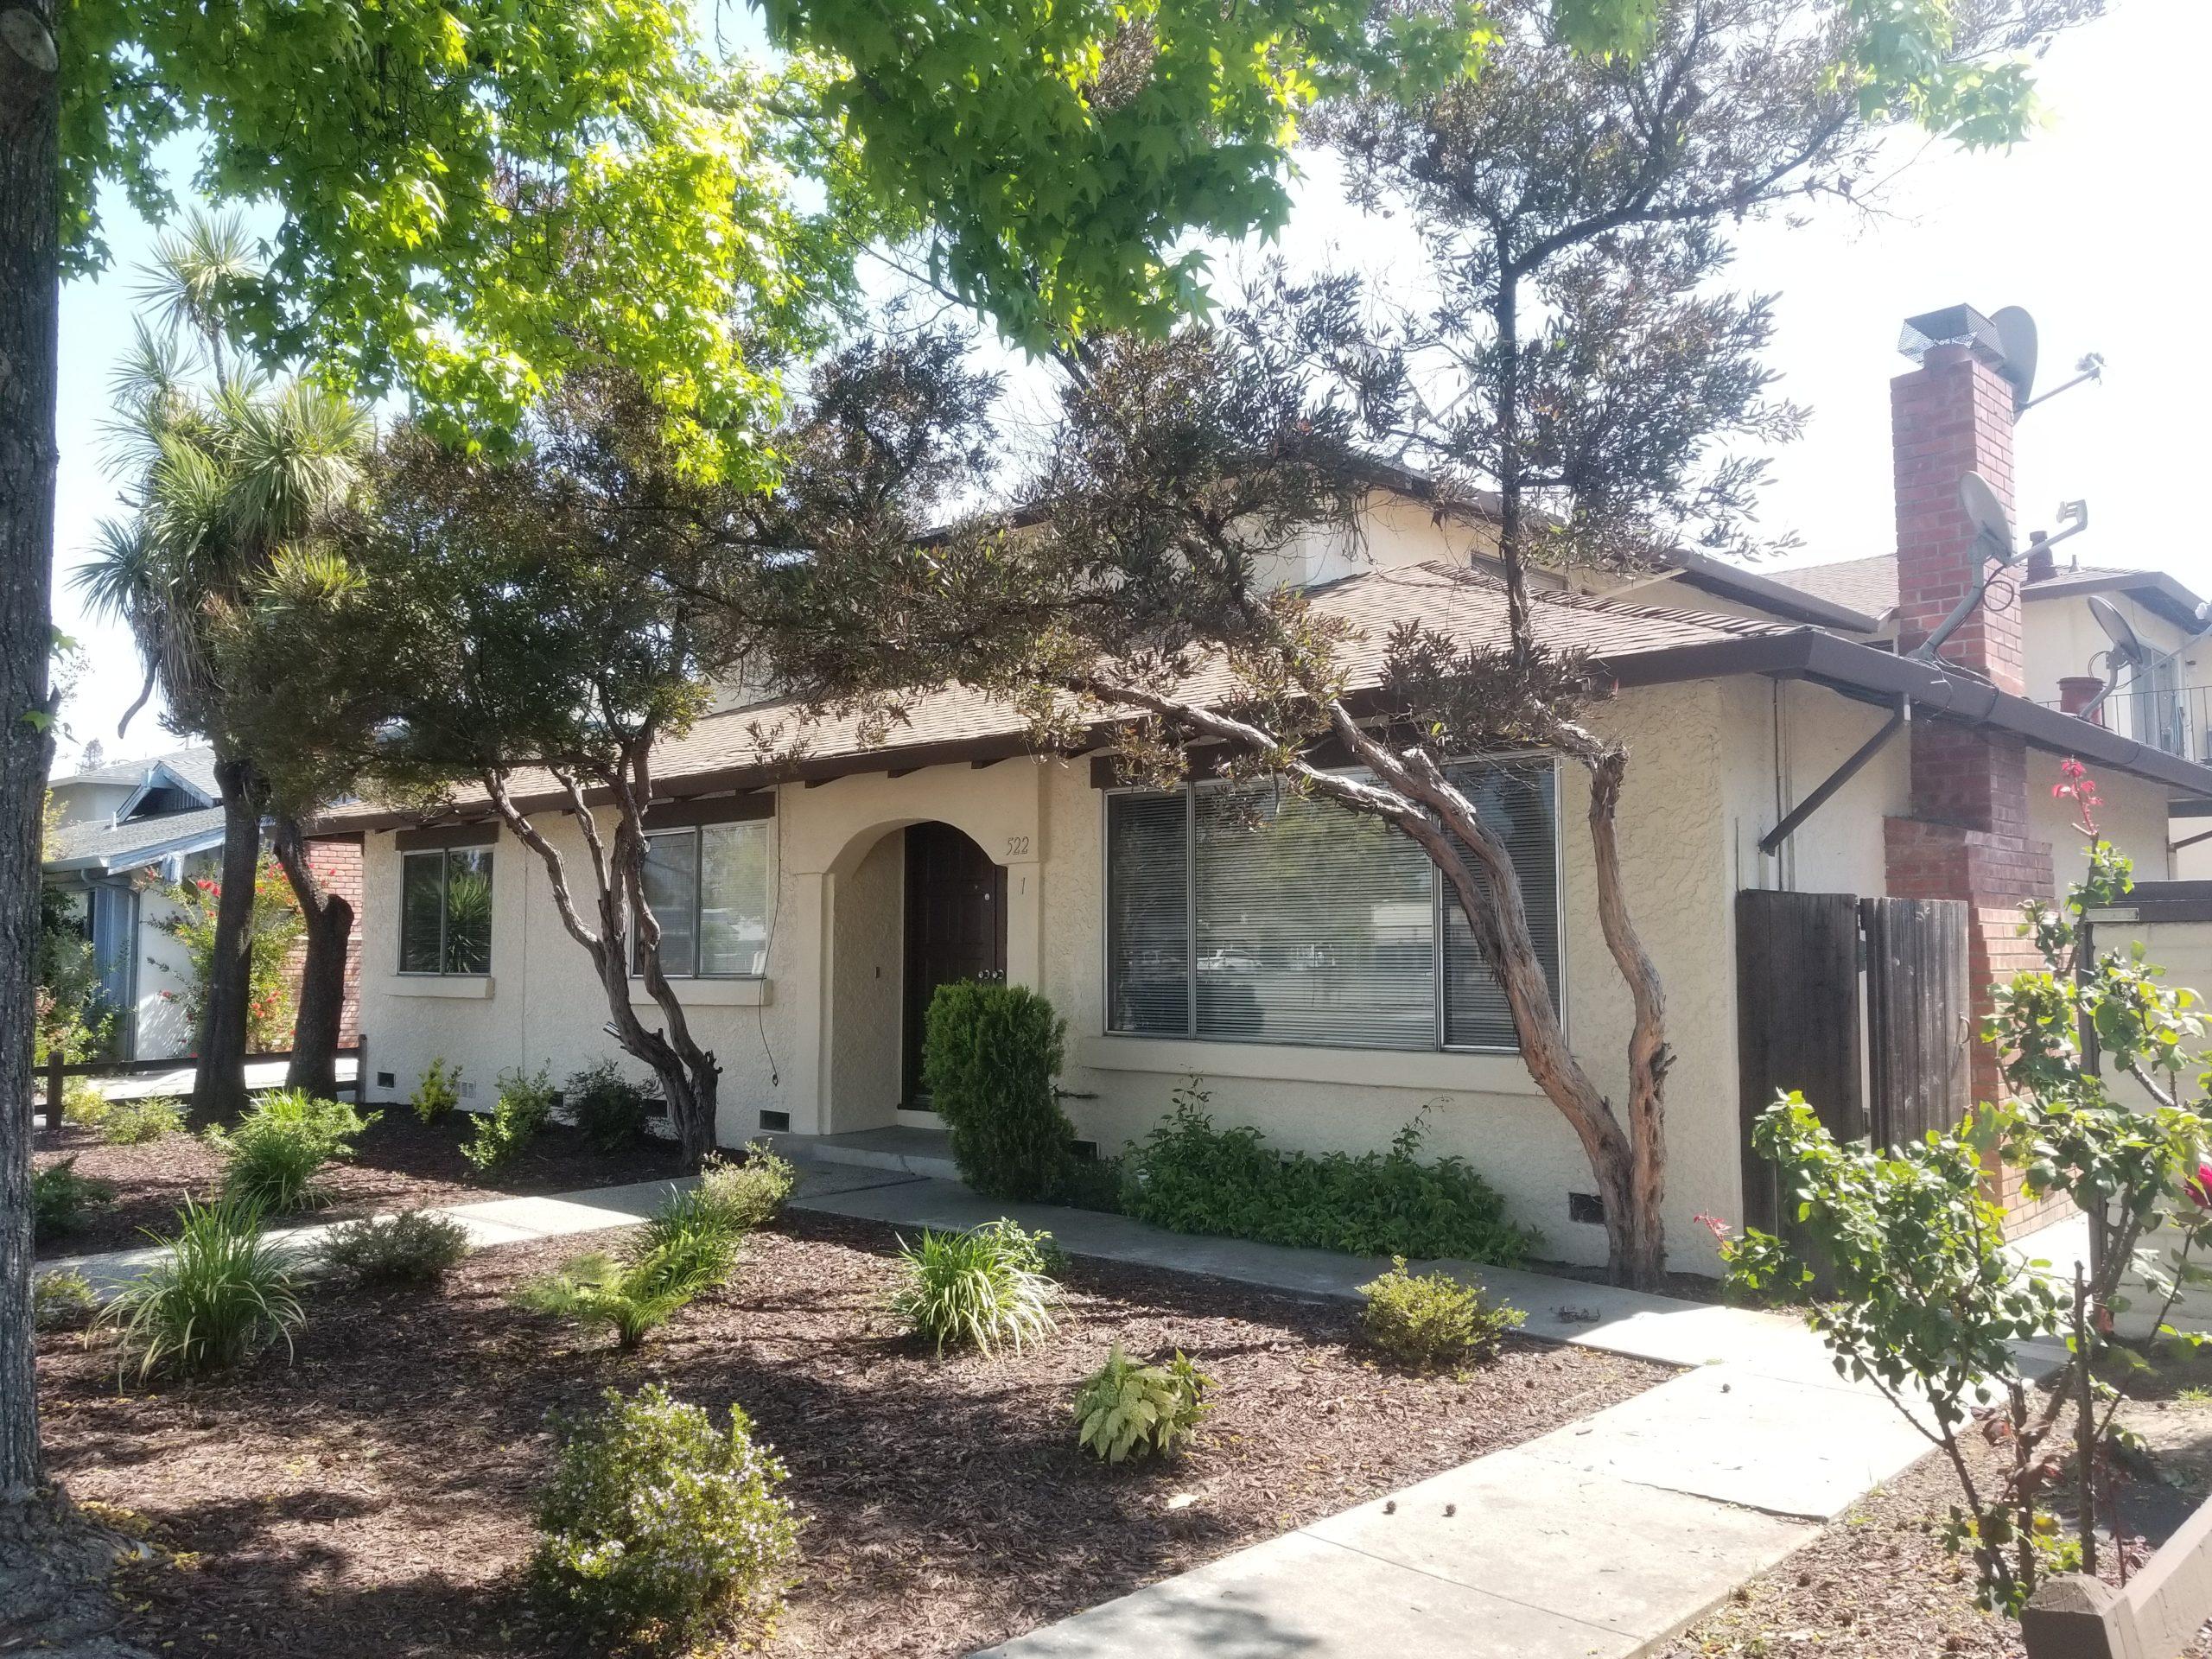 522 S. Fair Oaks Ave, Sunnyvale, CA 94086